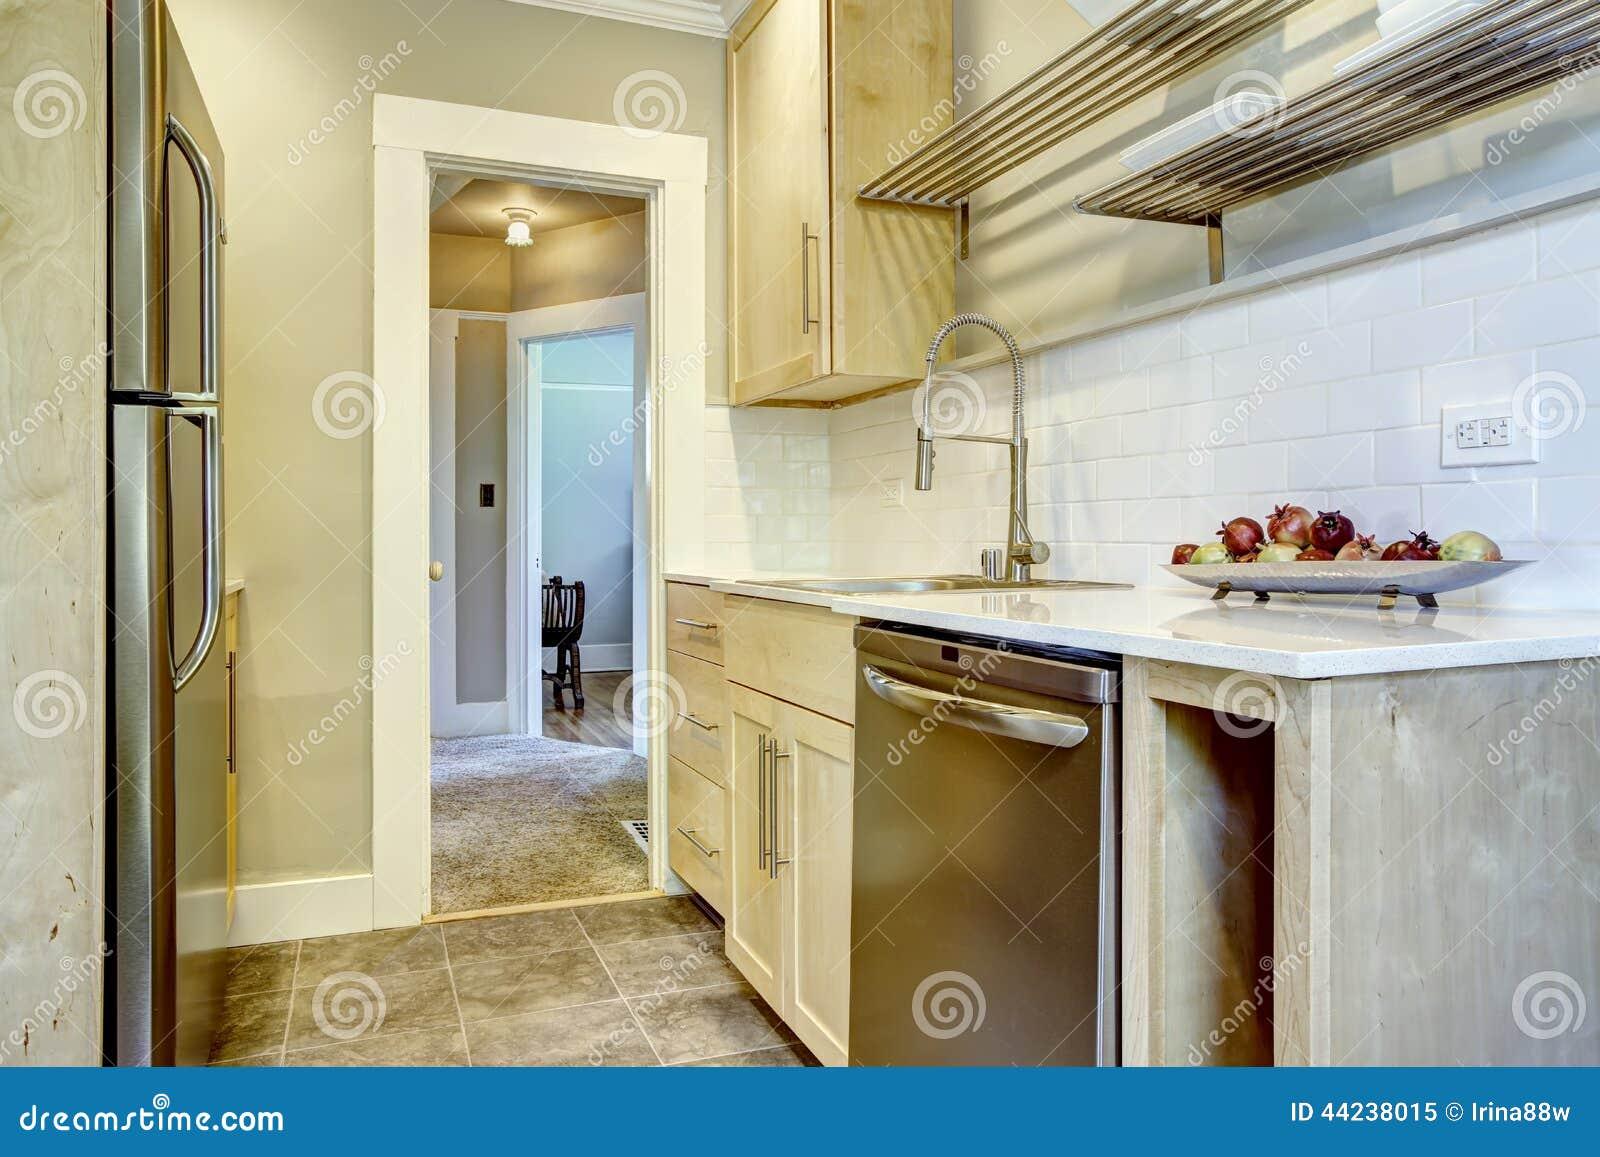 Armadi da cucina con la disposizione della spruzzata della parte posteriore delle mattonelle - Armadi da cucina ...